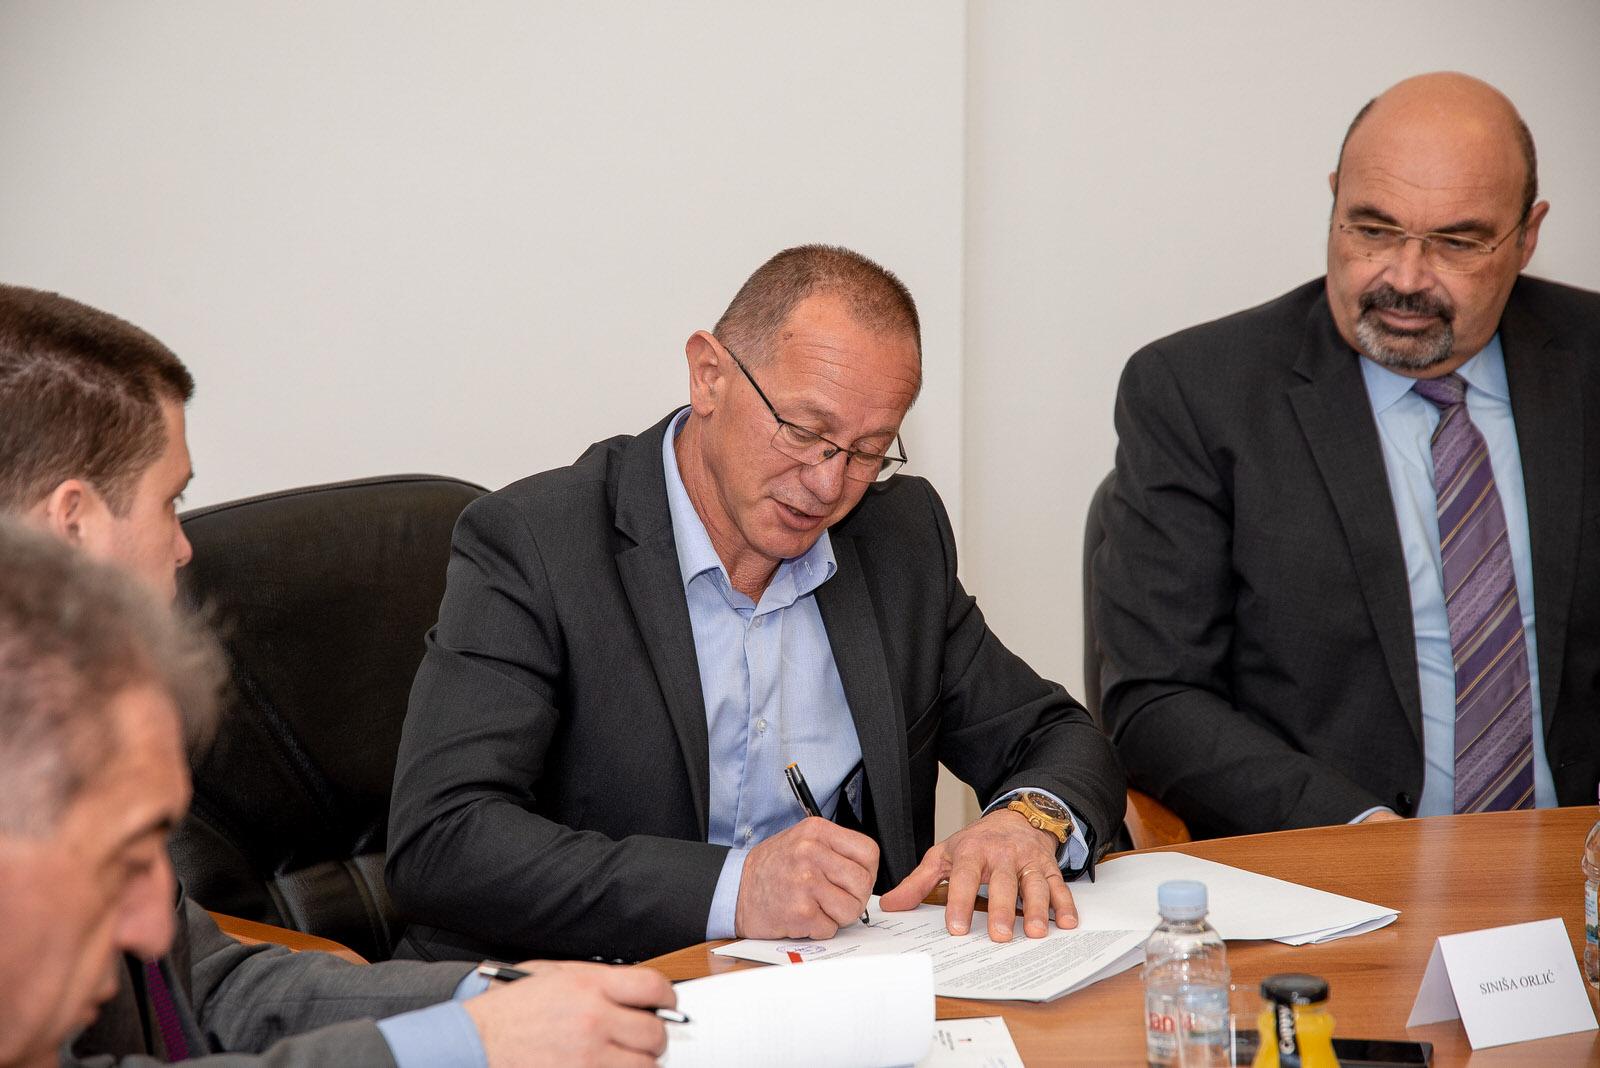 likaclub_svečanosti potpisivanja ugovora i sporazuma_lsž_28-2-2020 (24)